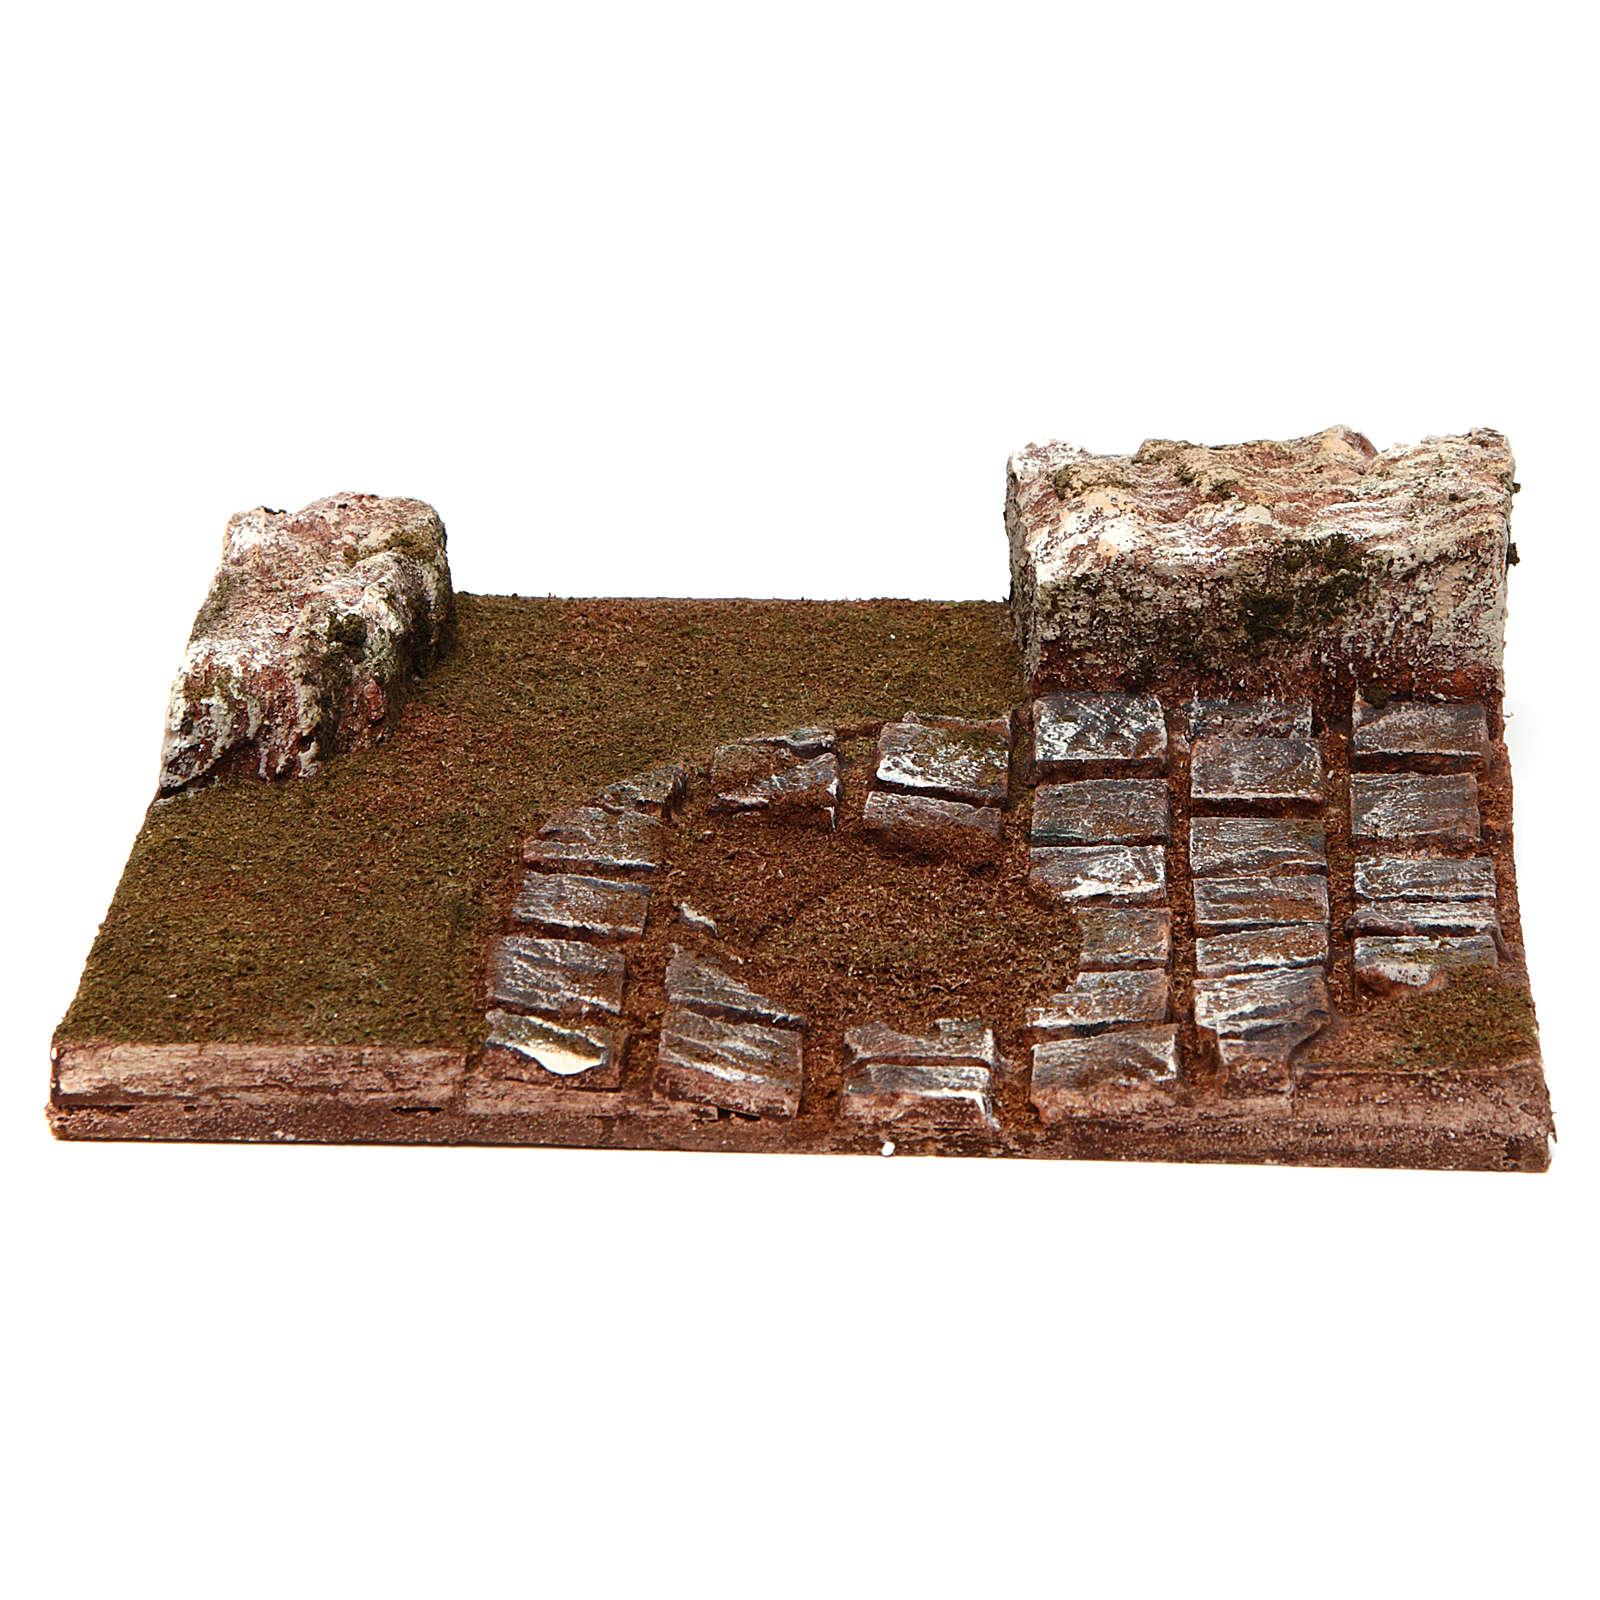 Calle componible curva con rocas 12 cm de altura media 4